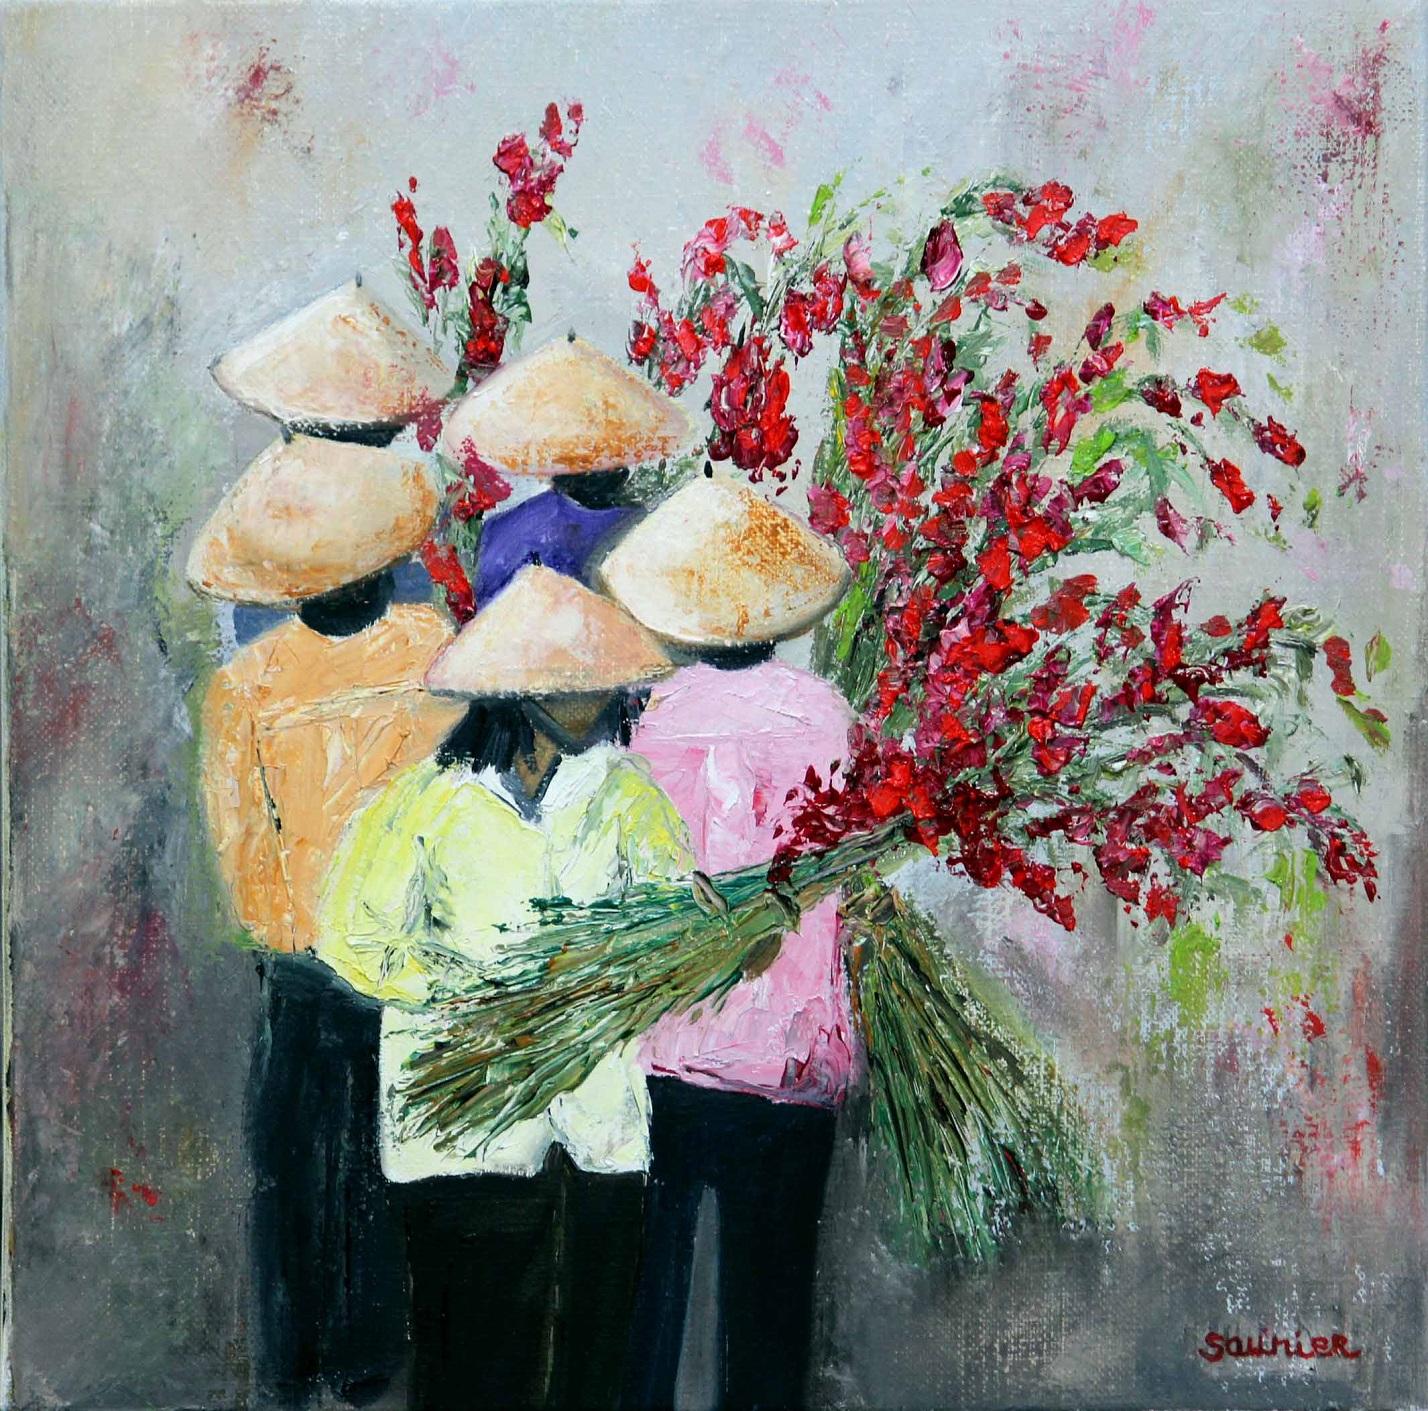 Exceptionnel Monik Saunier | Artiste peintre » Asie VW88